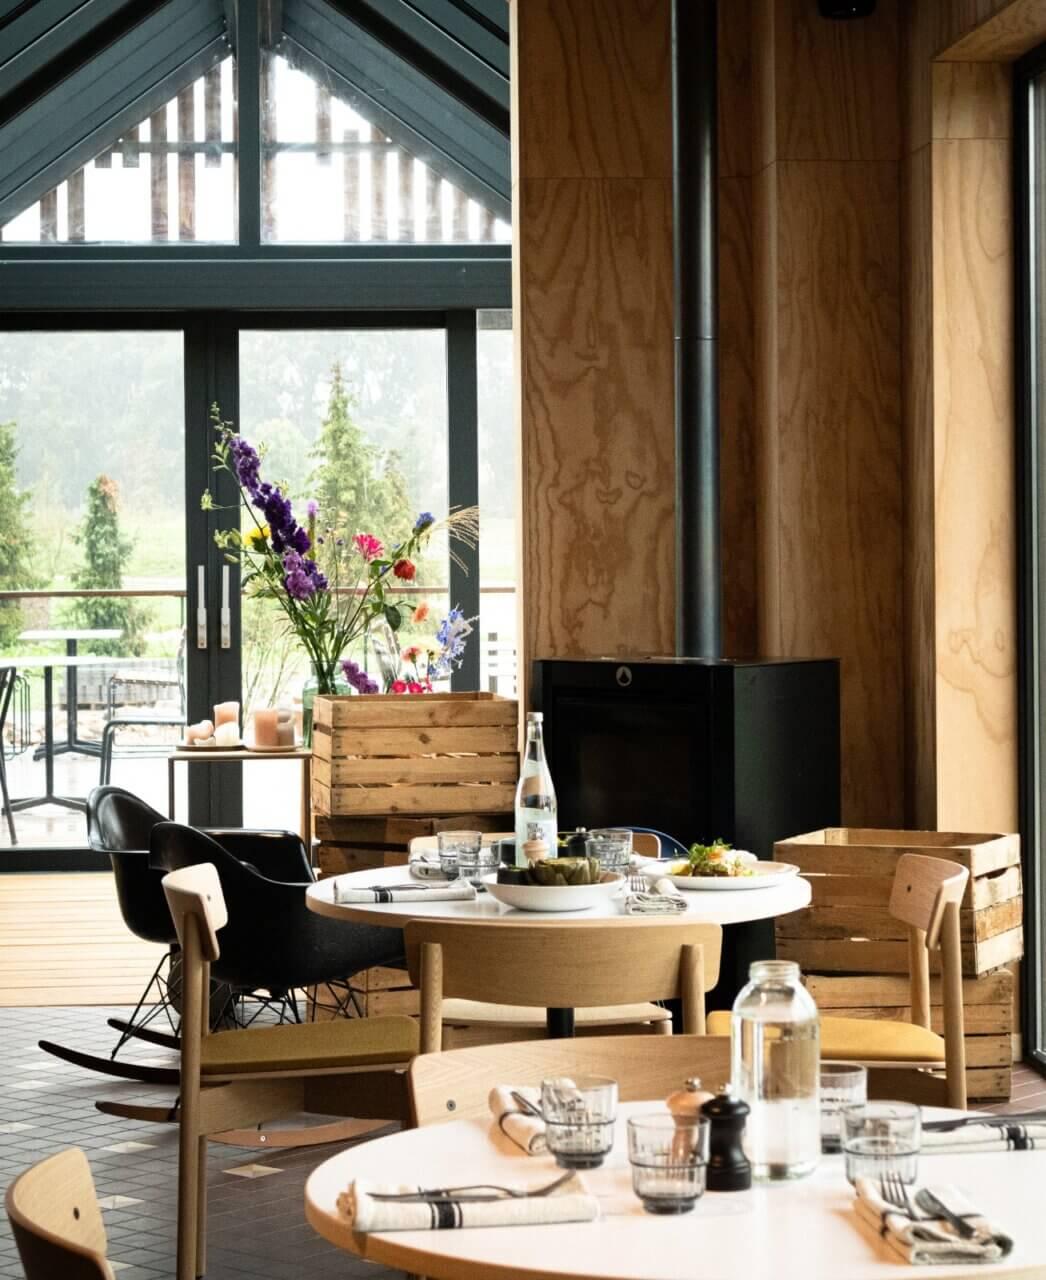 The Unbound Restaurant  interior